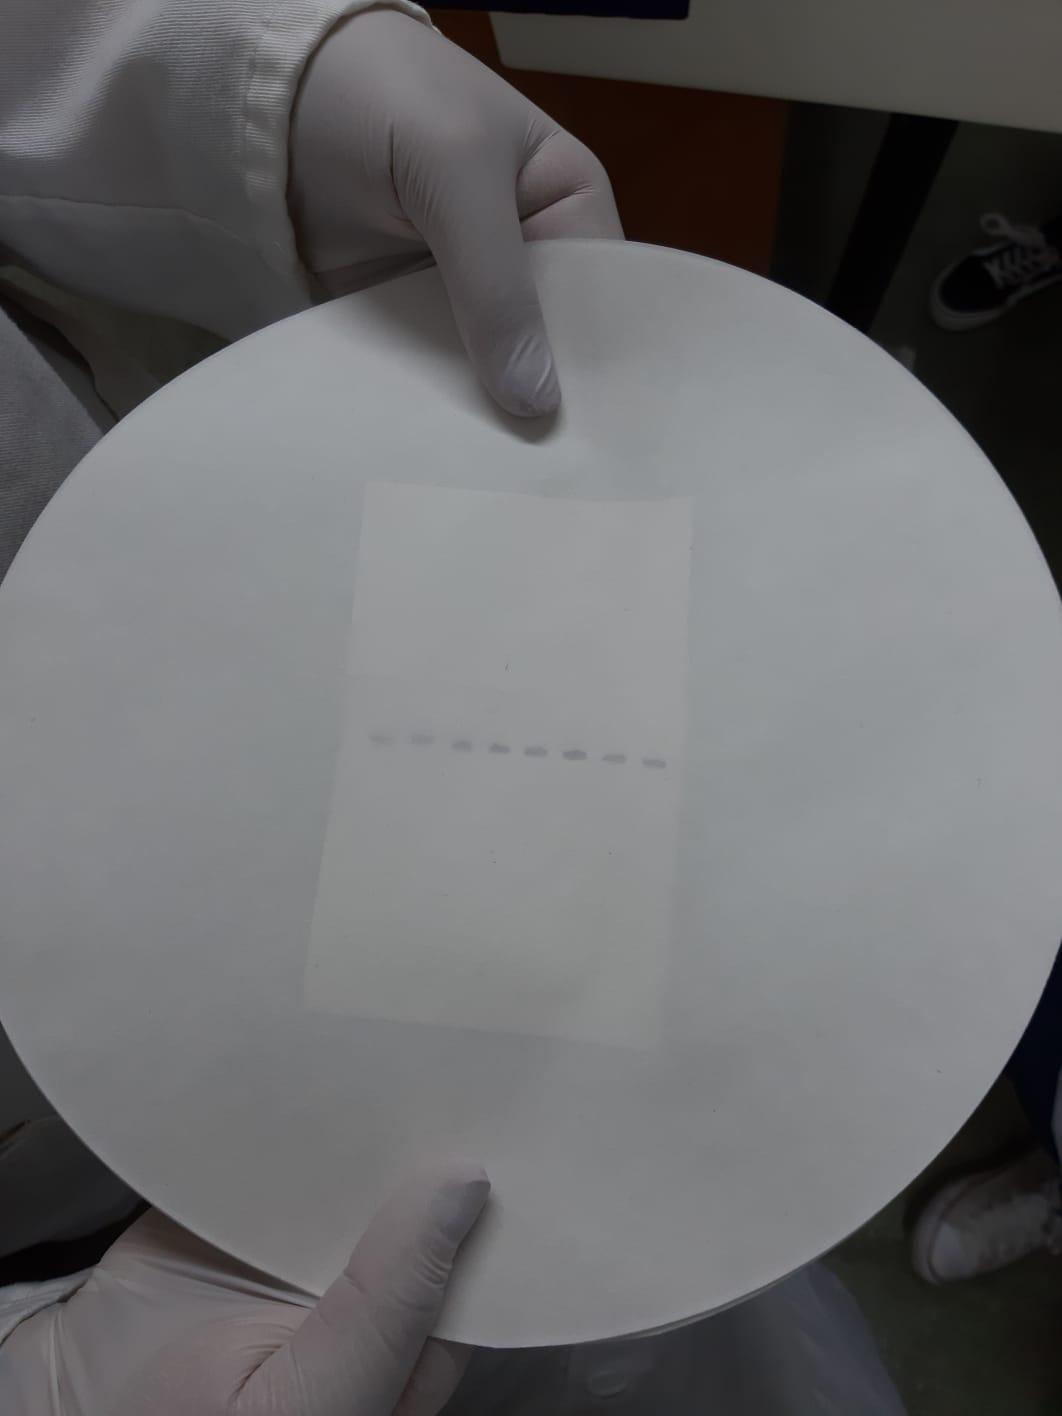 JunYe Regla de la Prueba de inspecci/ón del Orificio del Hueco del calibrador del calibrador de la galga de la Forma c/ónica de la Soldadura del Acero Inoxidable Pulgada//mil/ímetro